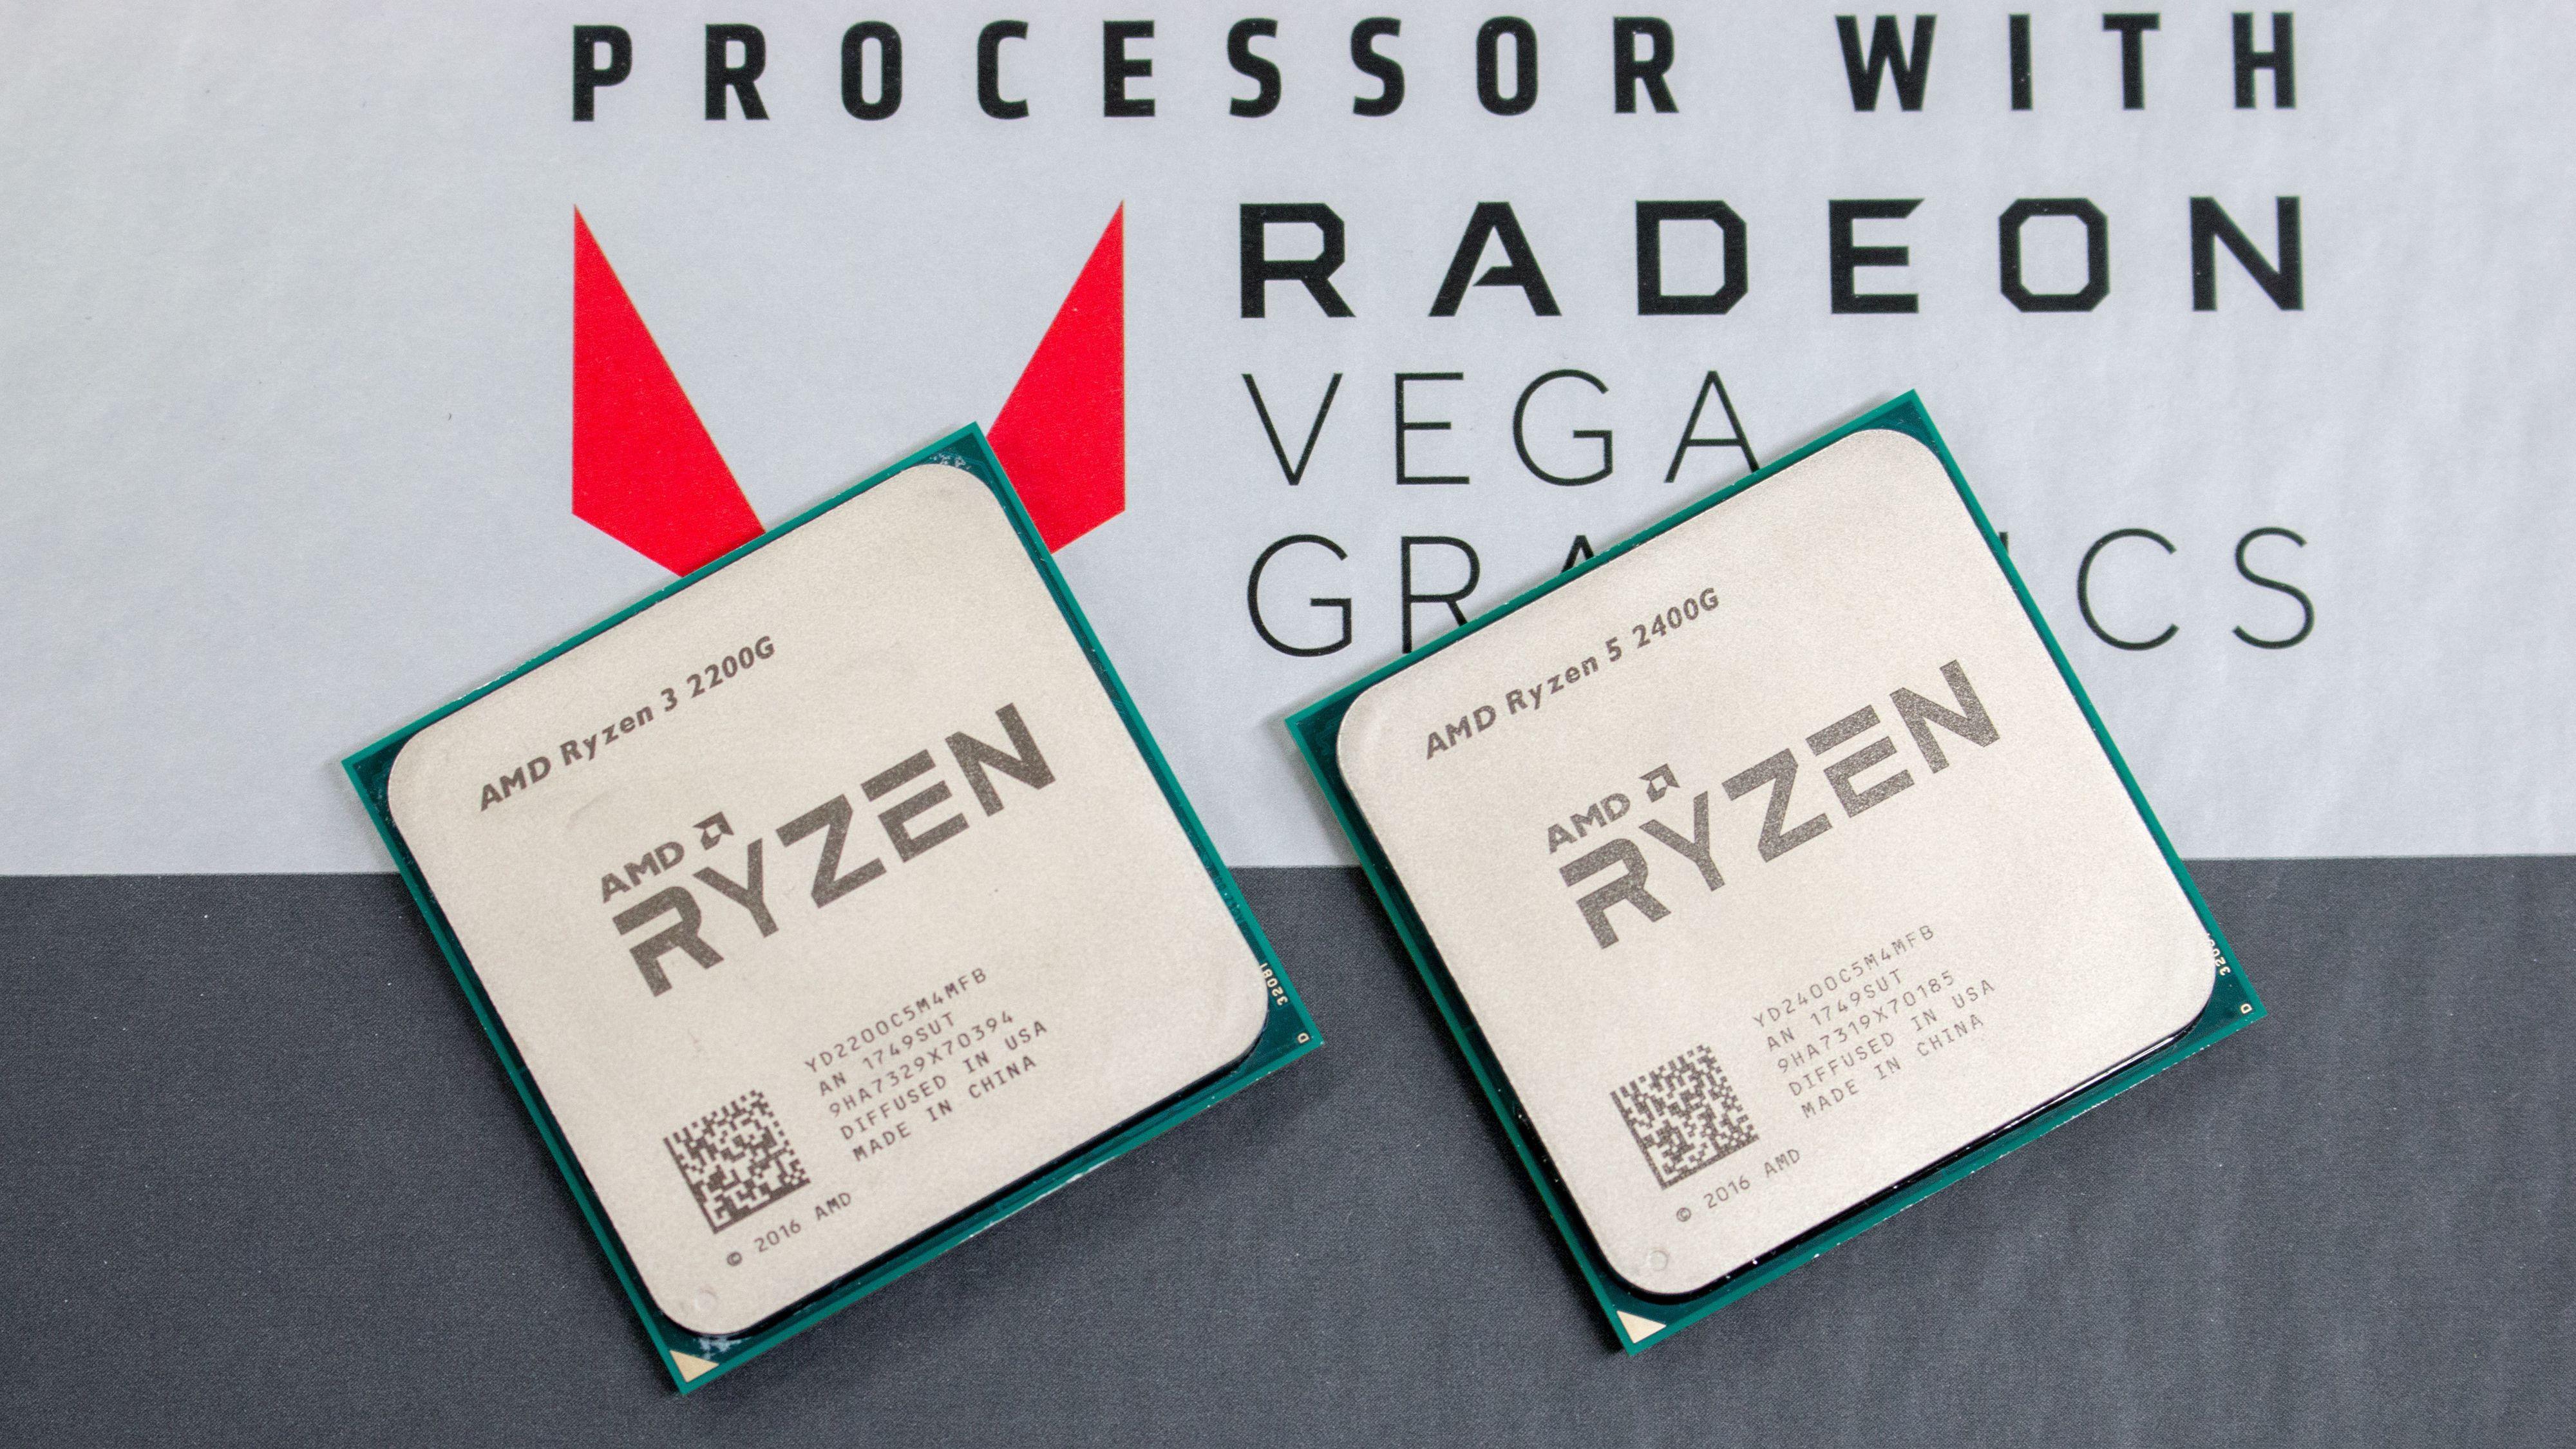 To nye Raven Ridge-modeller avslørt ved en feiltagelse